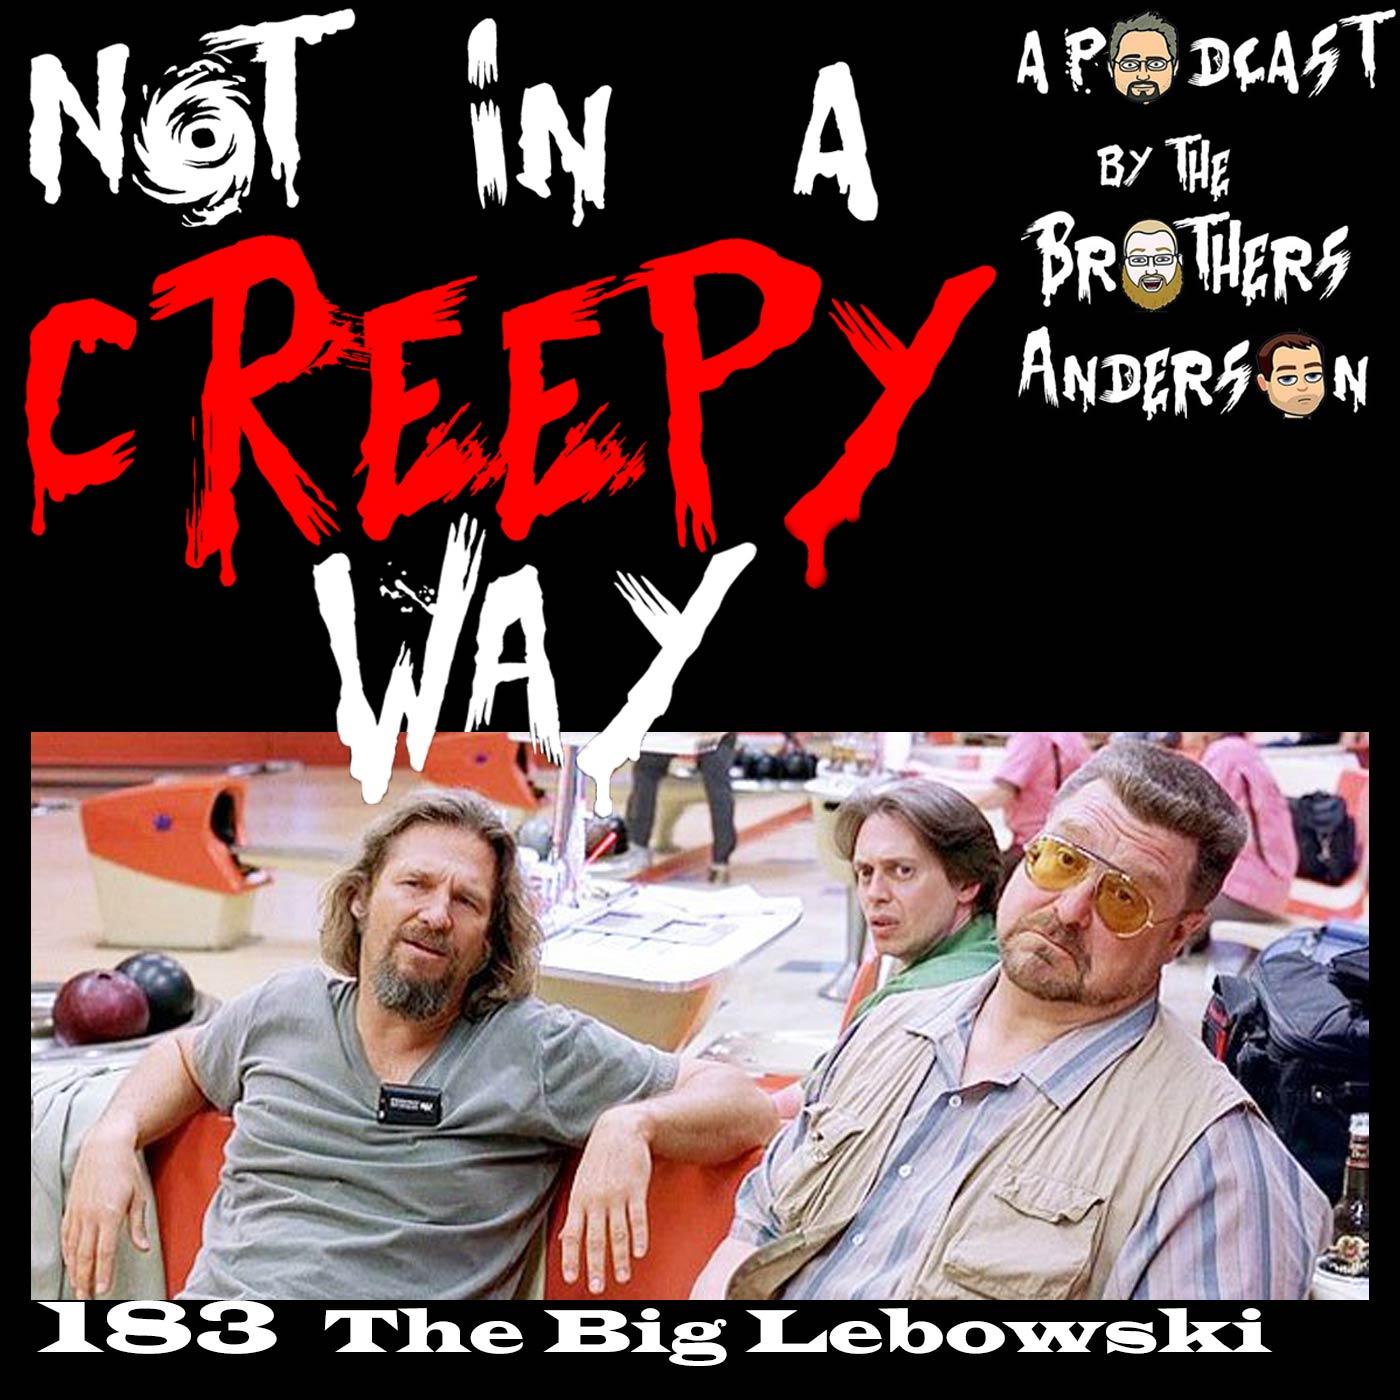 the panic blog niacw 183 the big lebowski